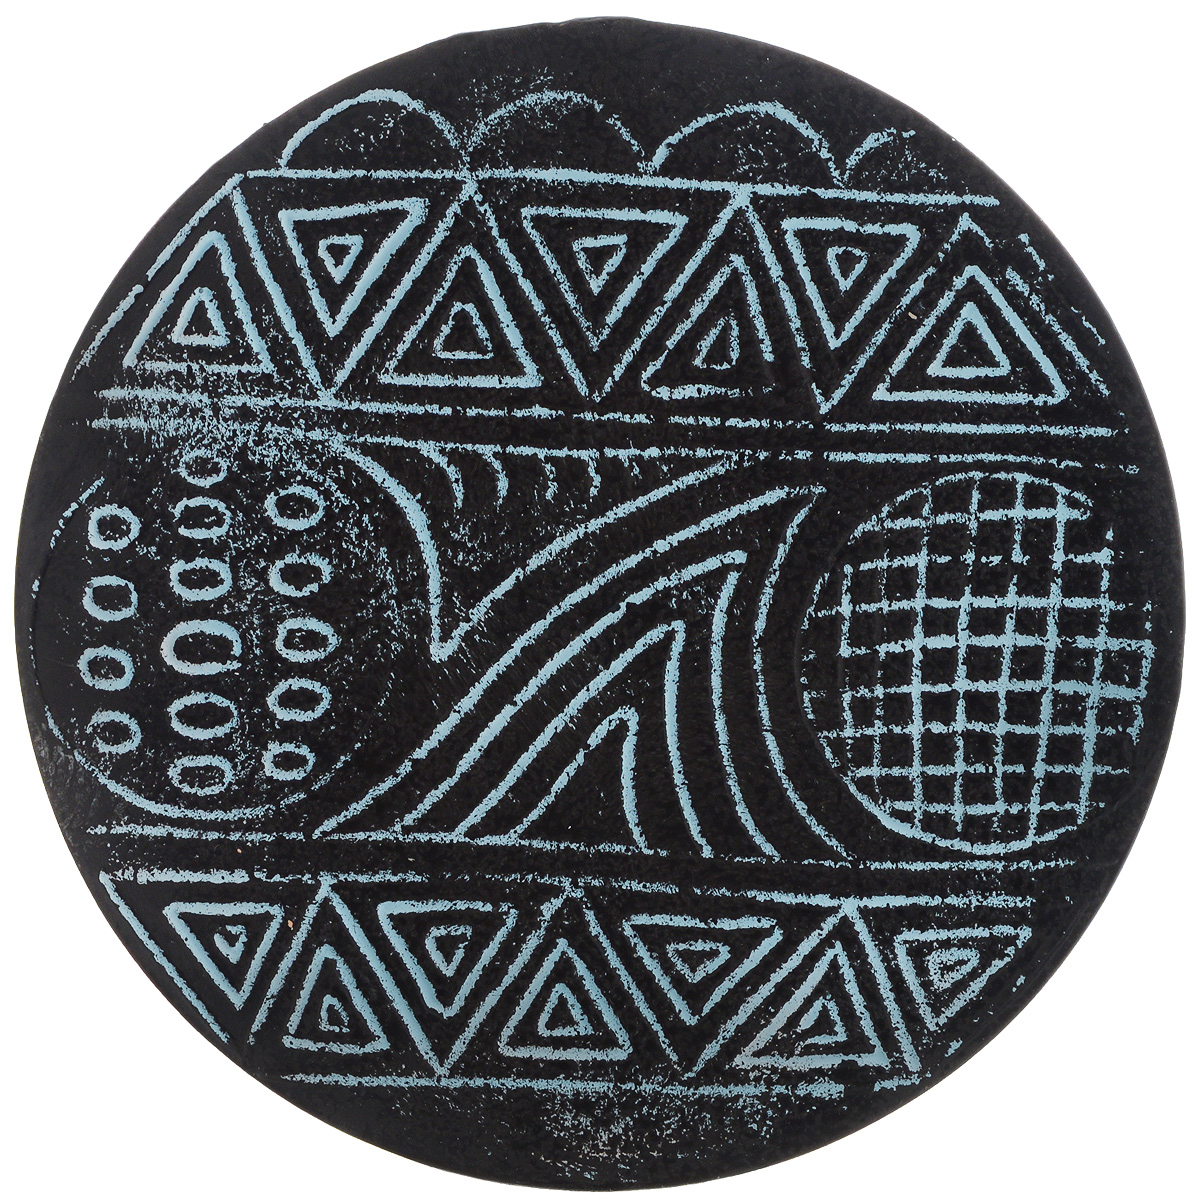 Тарелка декоративная House & Holder, диаметр 16,5 см. PX90471PX90471Тарелка House & Holder выполнена из высококачественной керамики. Тарелка круглой формы украшена оригинальным принтом. Она сочетает в себе оригинальный дизайн с максимальной функциональностью.Диаметр тарелки: 16,5 см.Высота: 1,5 см.